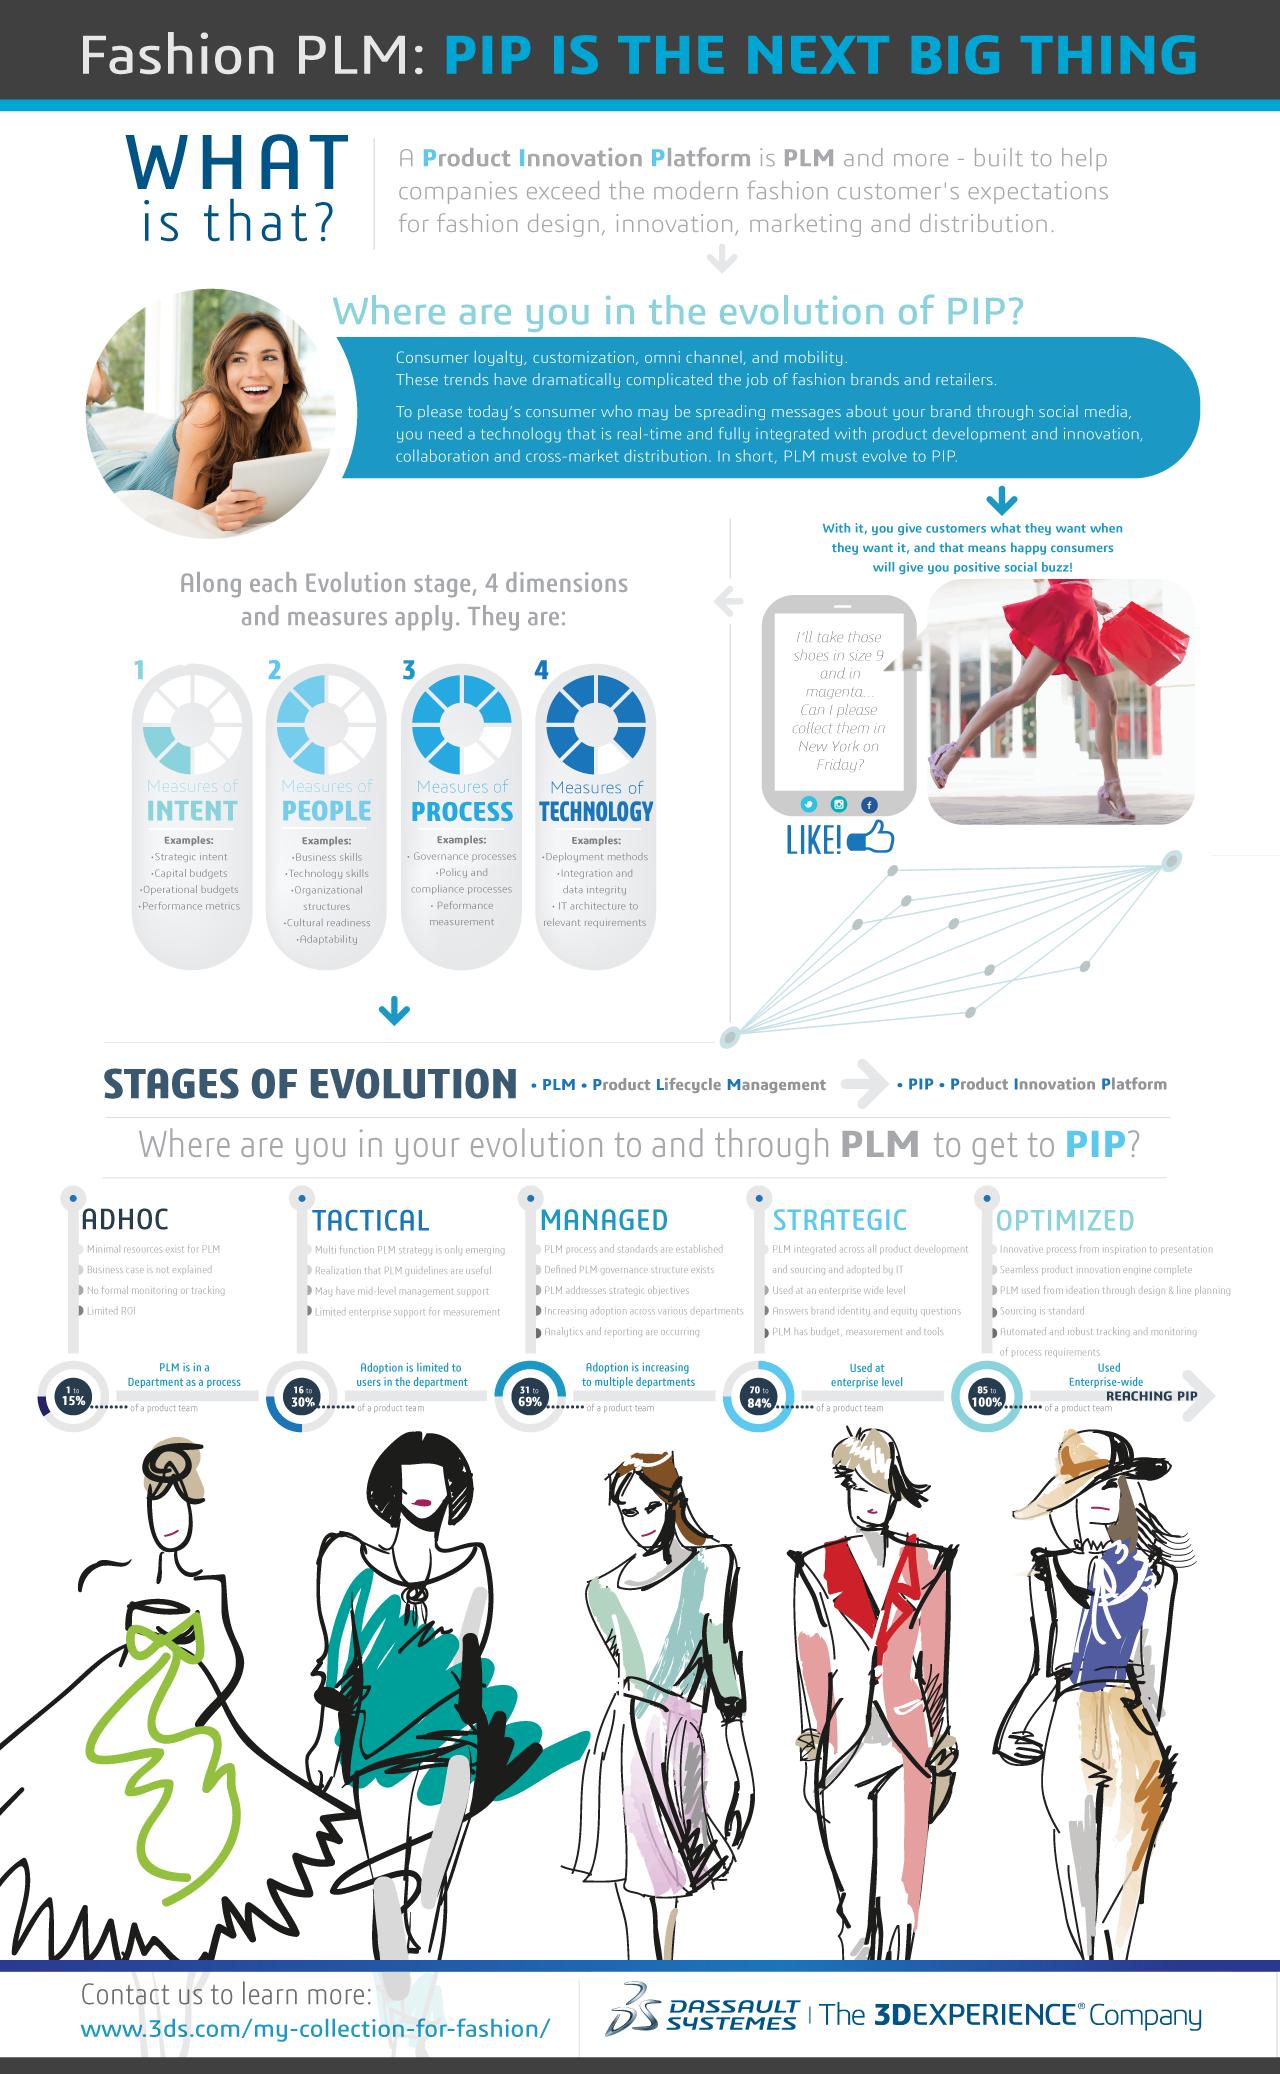 Fashion PLM, IDC Retail Insights